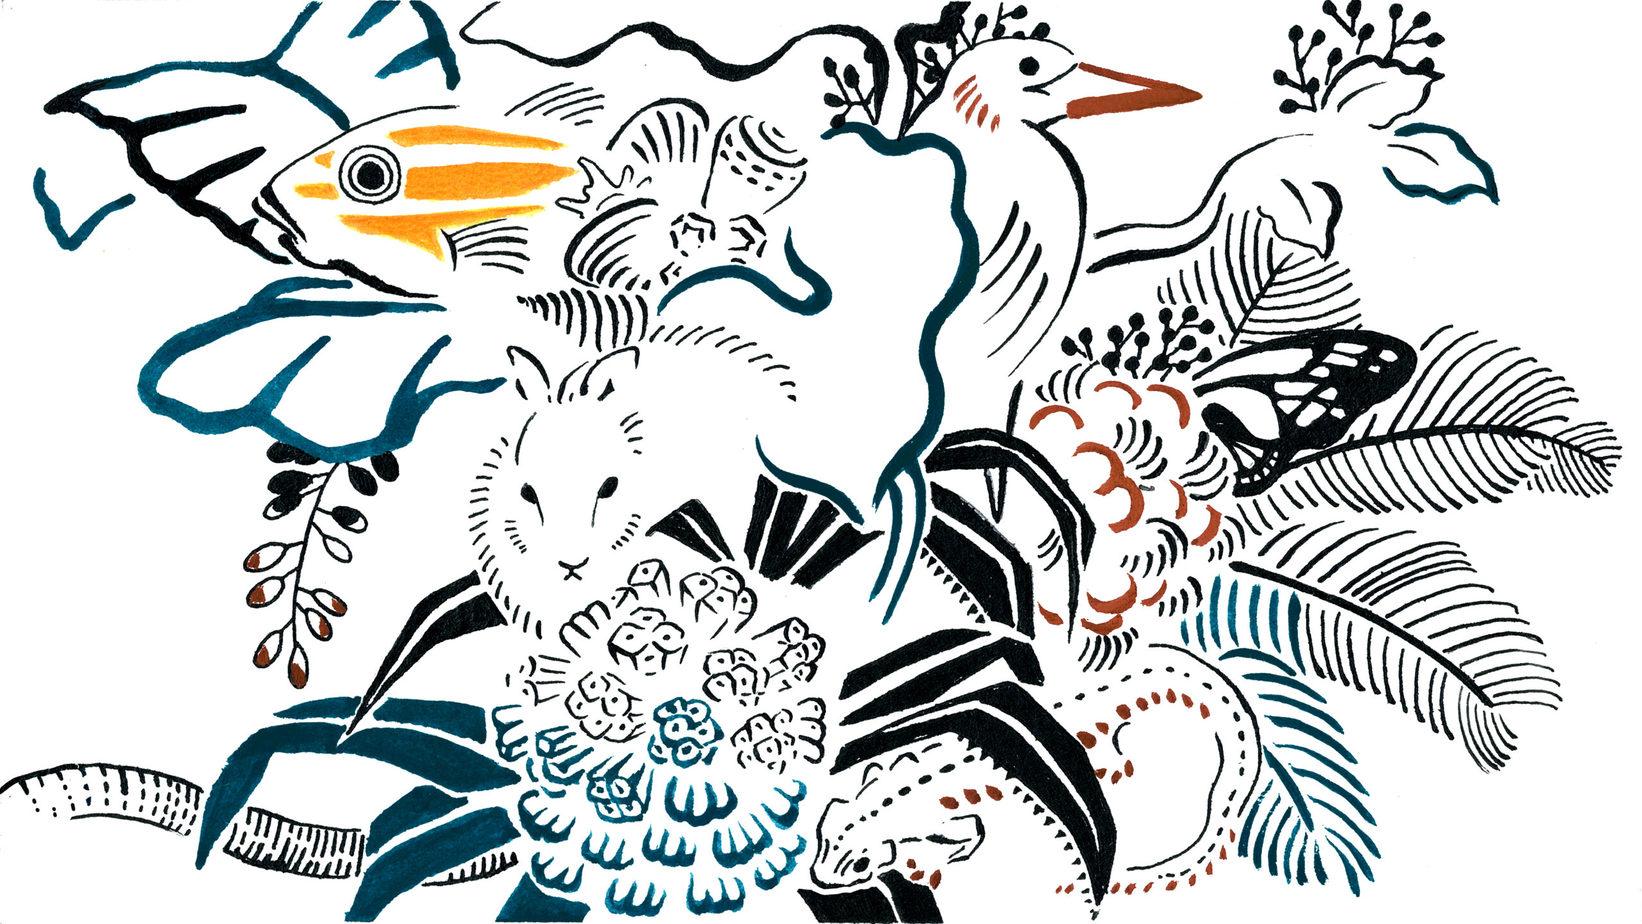 「「命のゆりかご」奄美大島の豊かな自然」のアイキャッチ画像